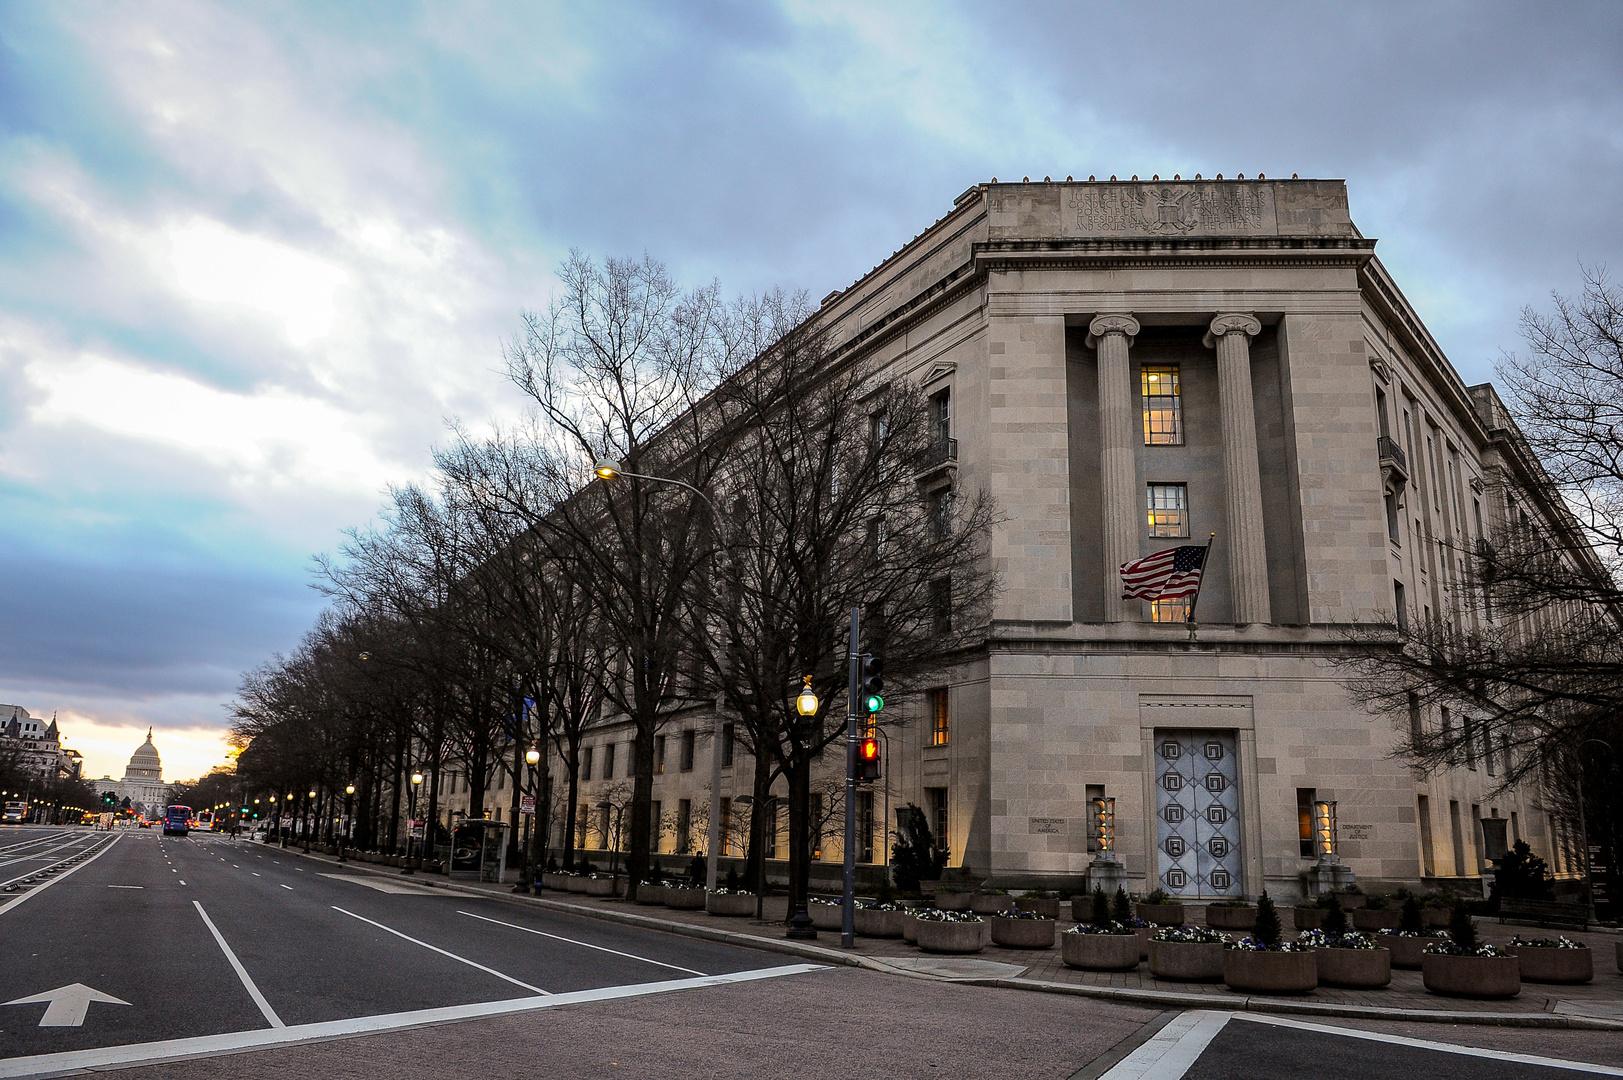 البيت الأبيض: وزارة العدل قررت تصنيف